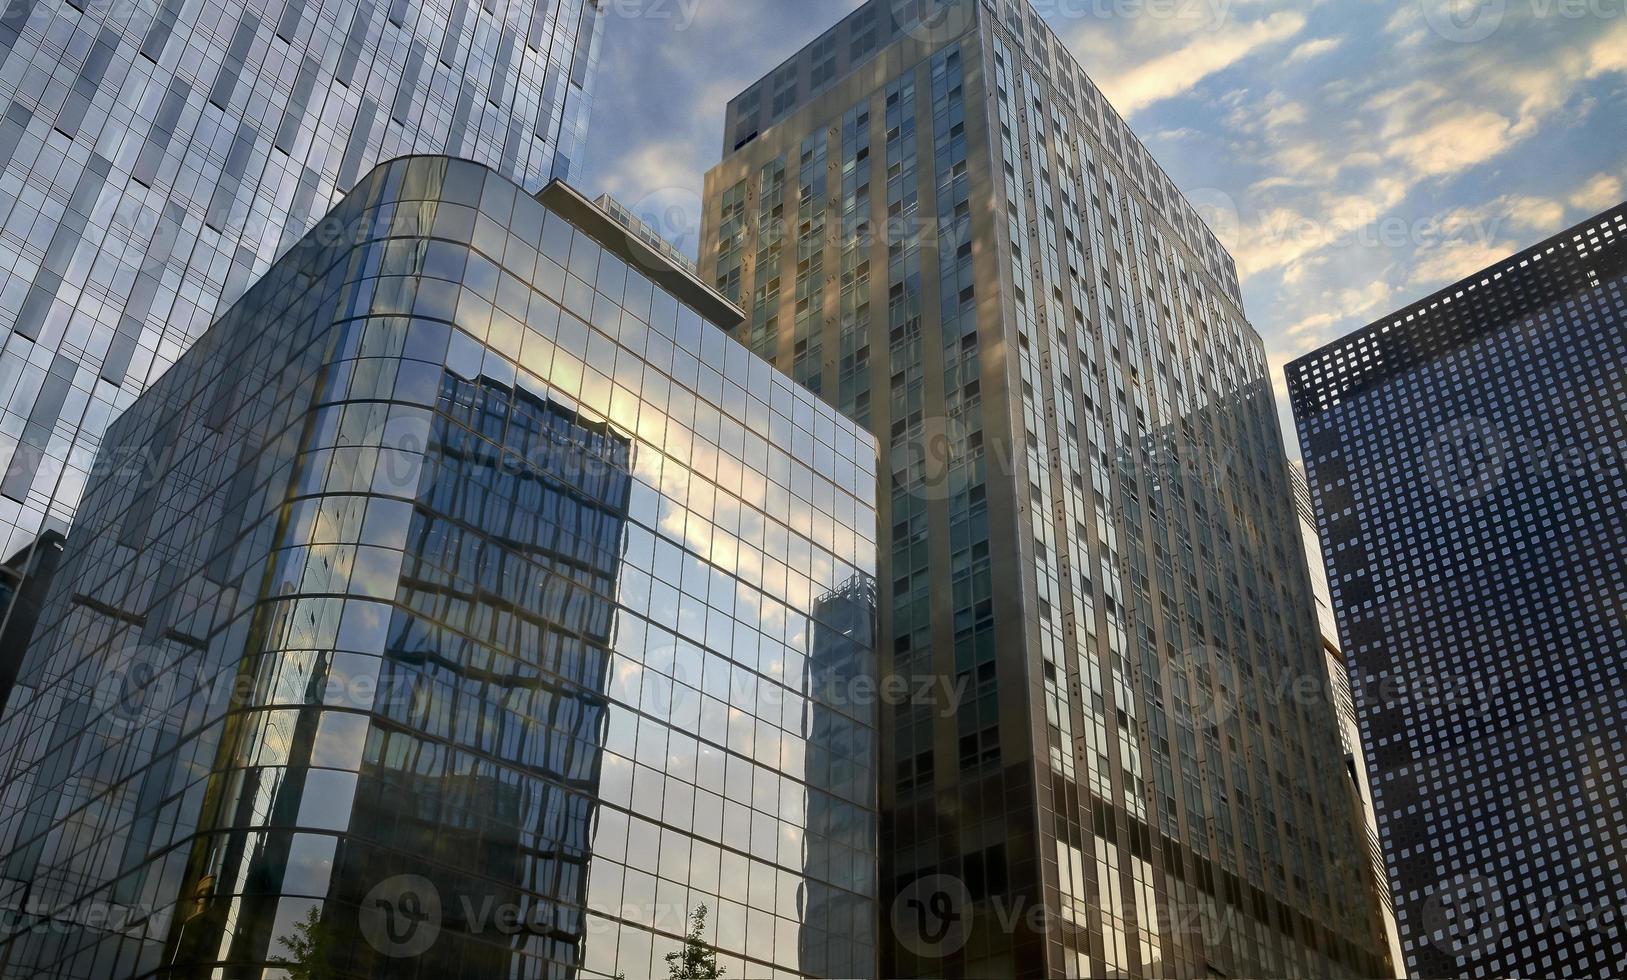 edificio de negocios de la ciudad en Seúl que refleja el cielo - foto